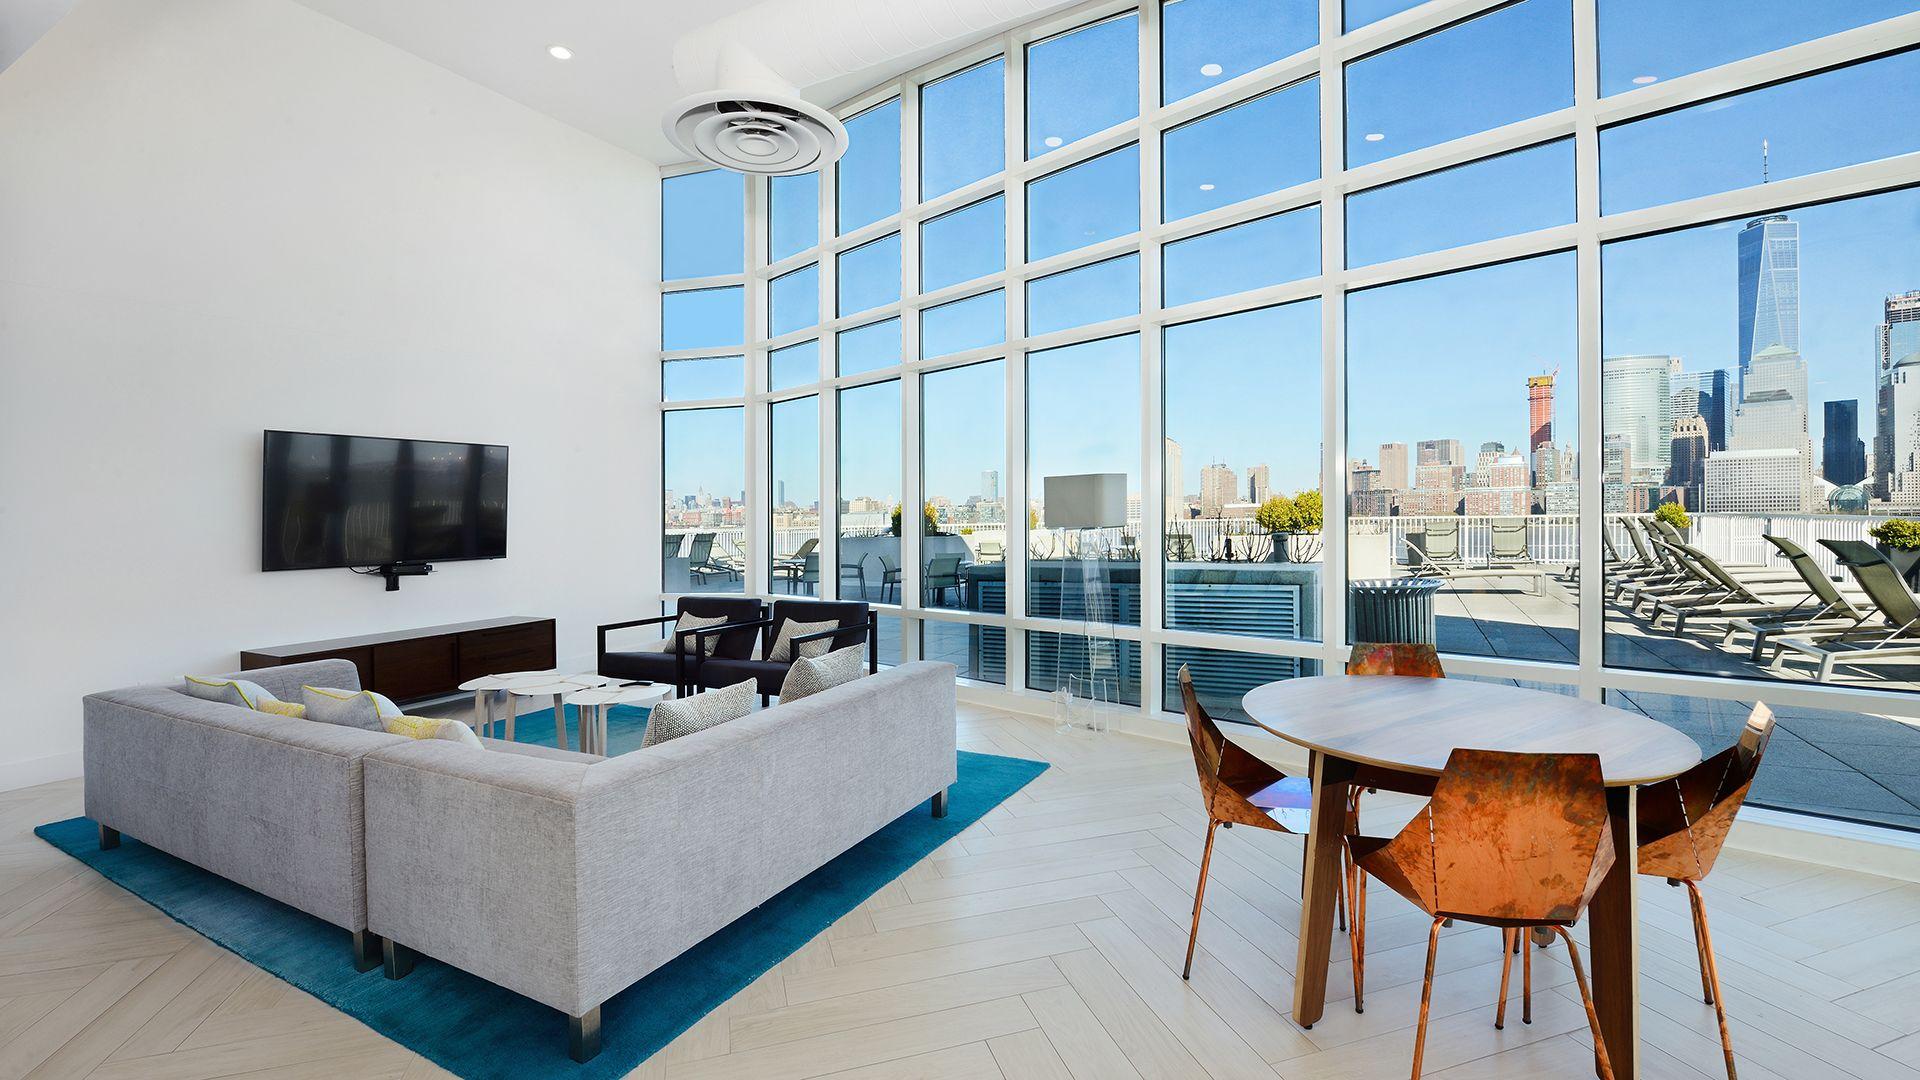 The Pier Apartments   Jersey City   1 Harborside Place |  EquityApartments.com